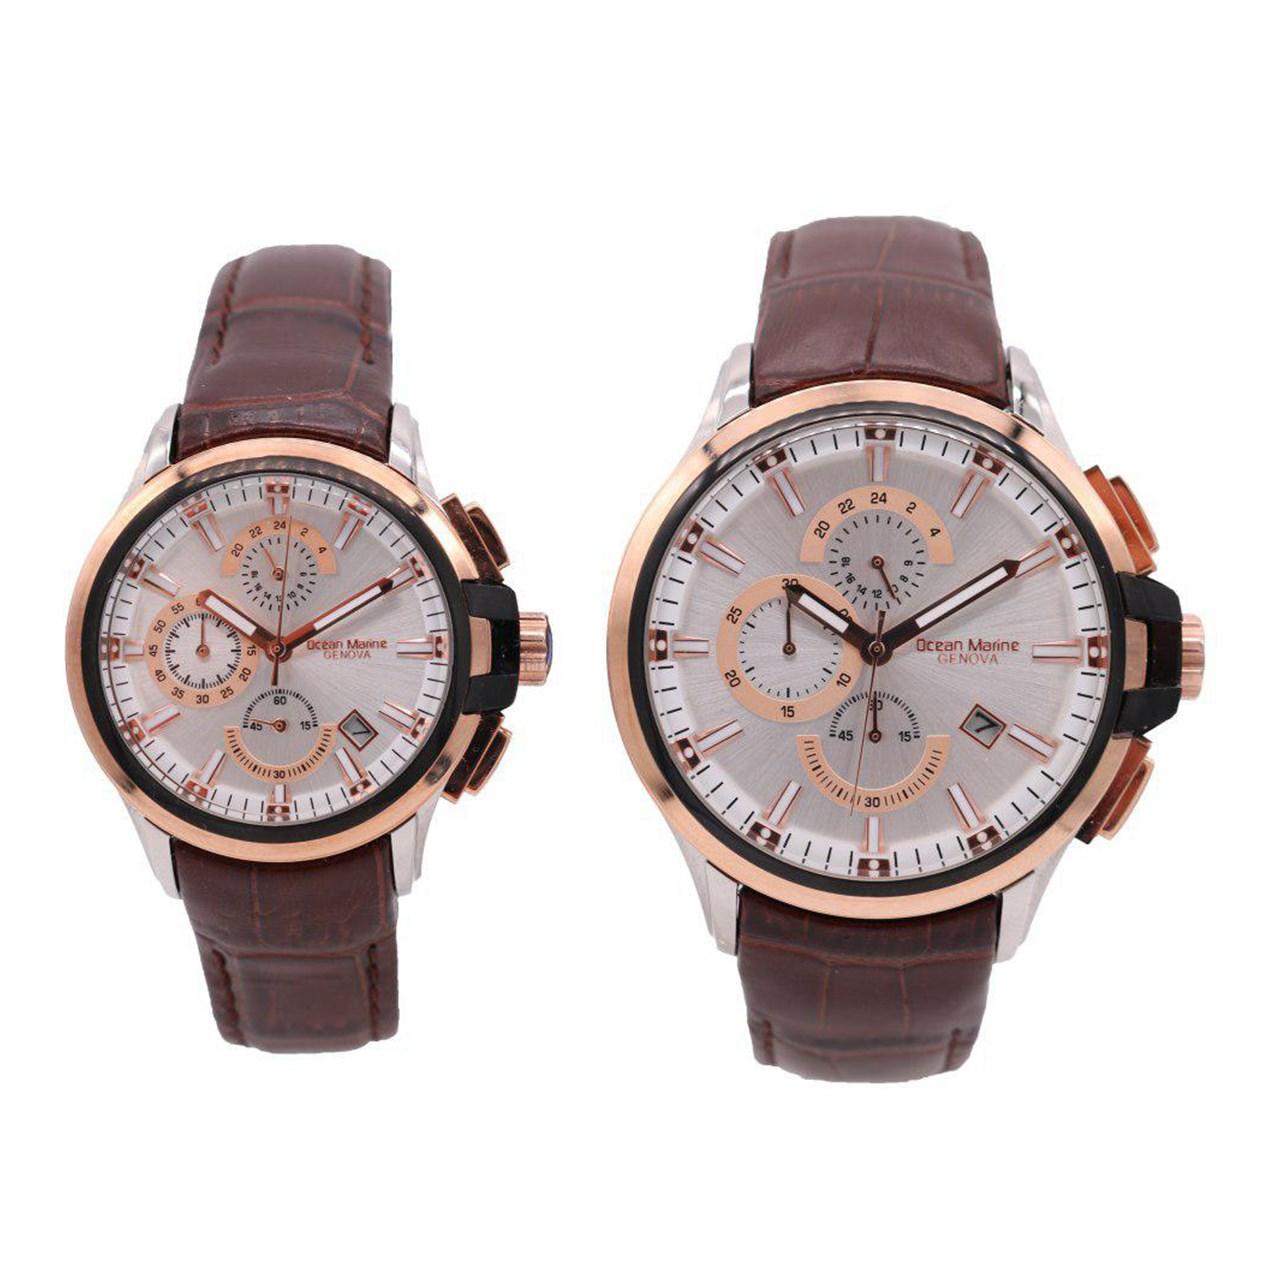 ساعت ست مردانه و زنانه اوشن مارین مدل Z-318Gc1 و Z-318Lc1 50